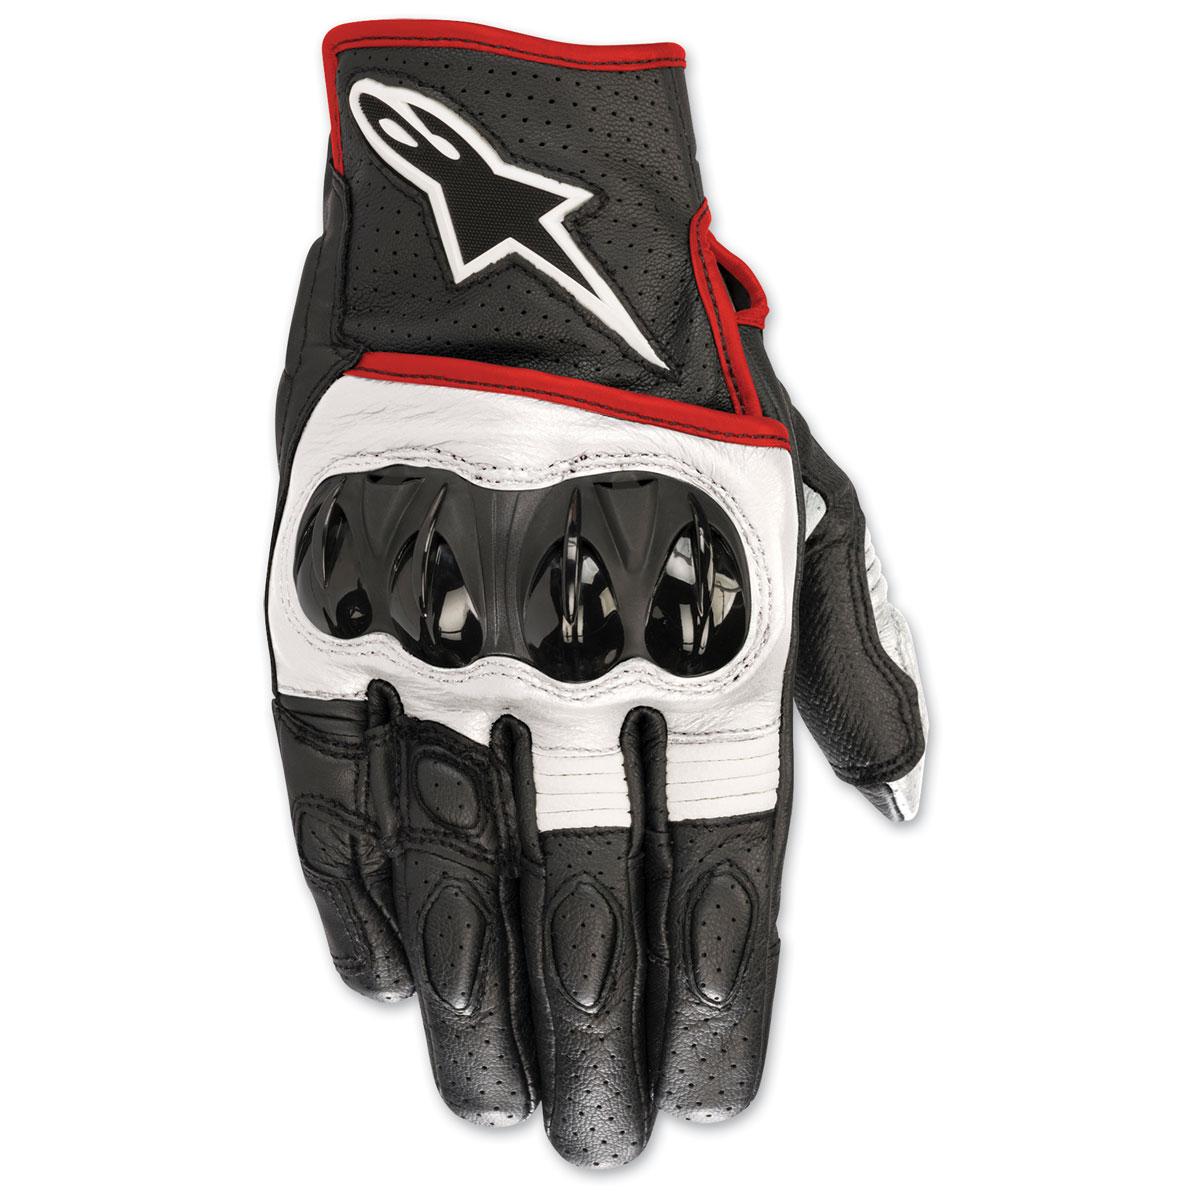 Alpinestars Men's Celer v2 Black/White/Red Fluorescent Leather Gloves